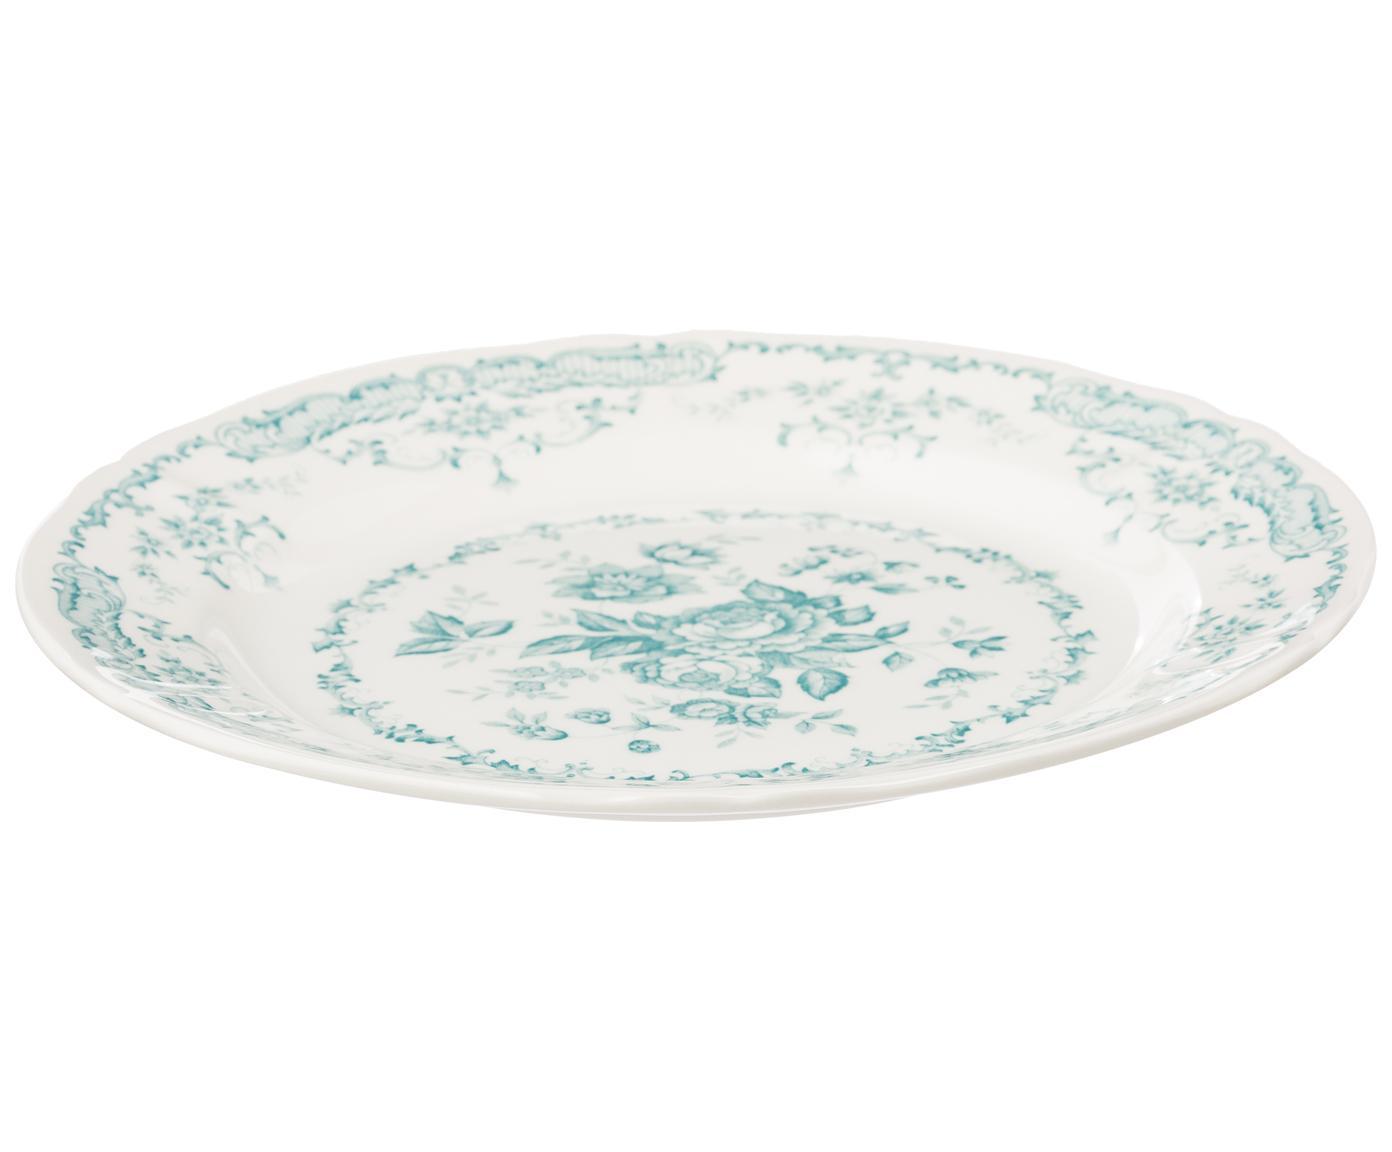 Komplet naczyń Rose, 18 elem., Ceramika, Biały, turkusowy, Różne rozmiary